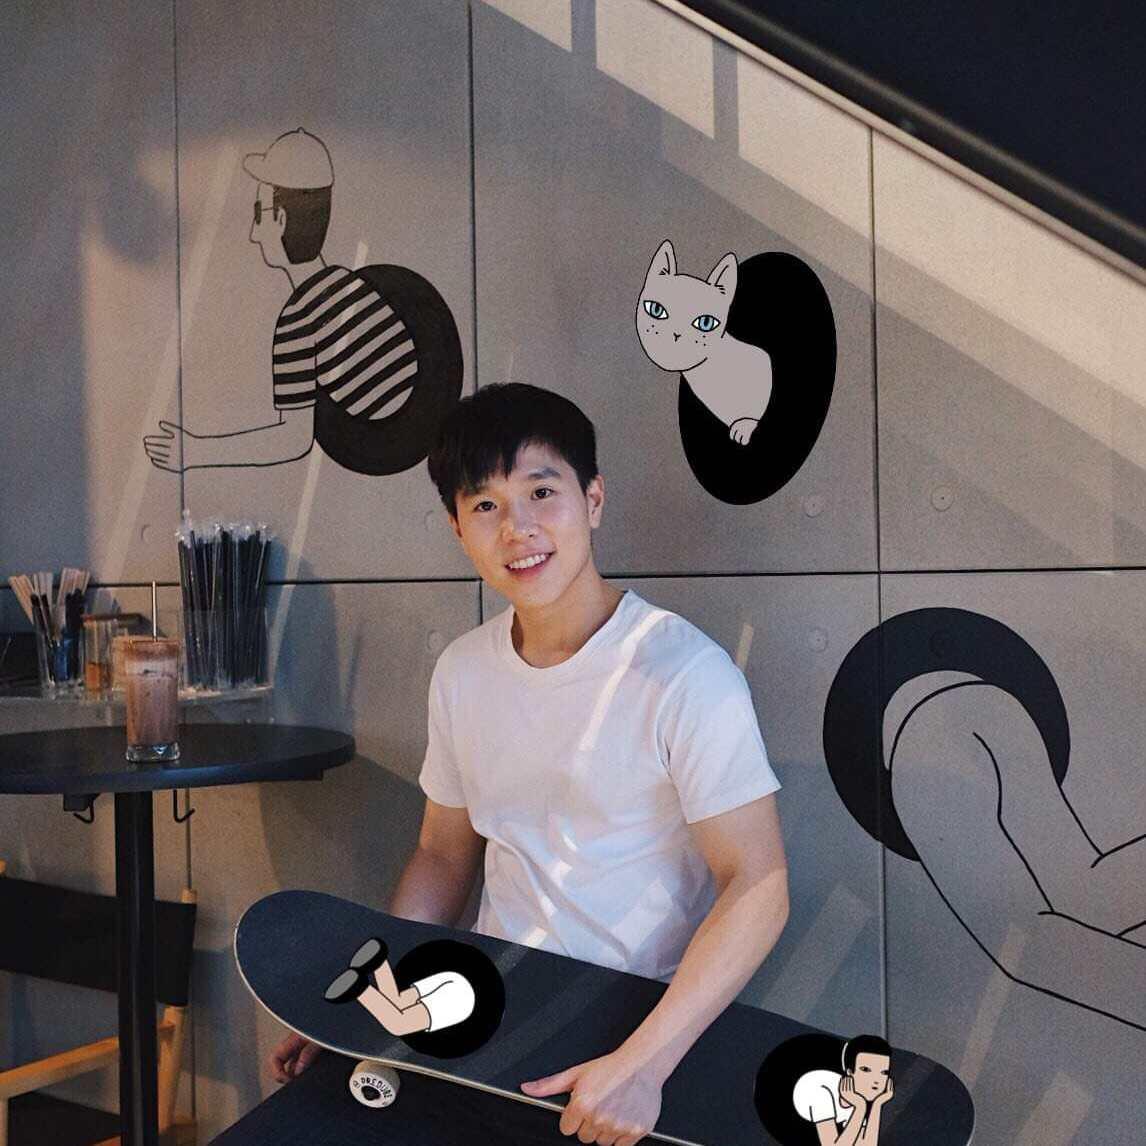 Meitu x Gongkan เชิญชวนแฟนๆ ร่วมถ่ายรูปกับผลงานของก้องกานชิงรางวัลสุดพิเศษ 5